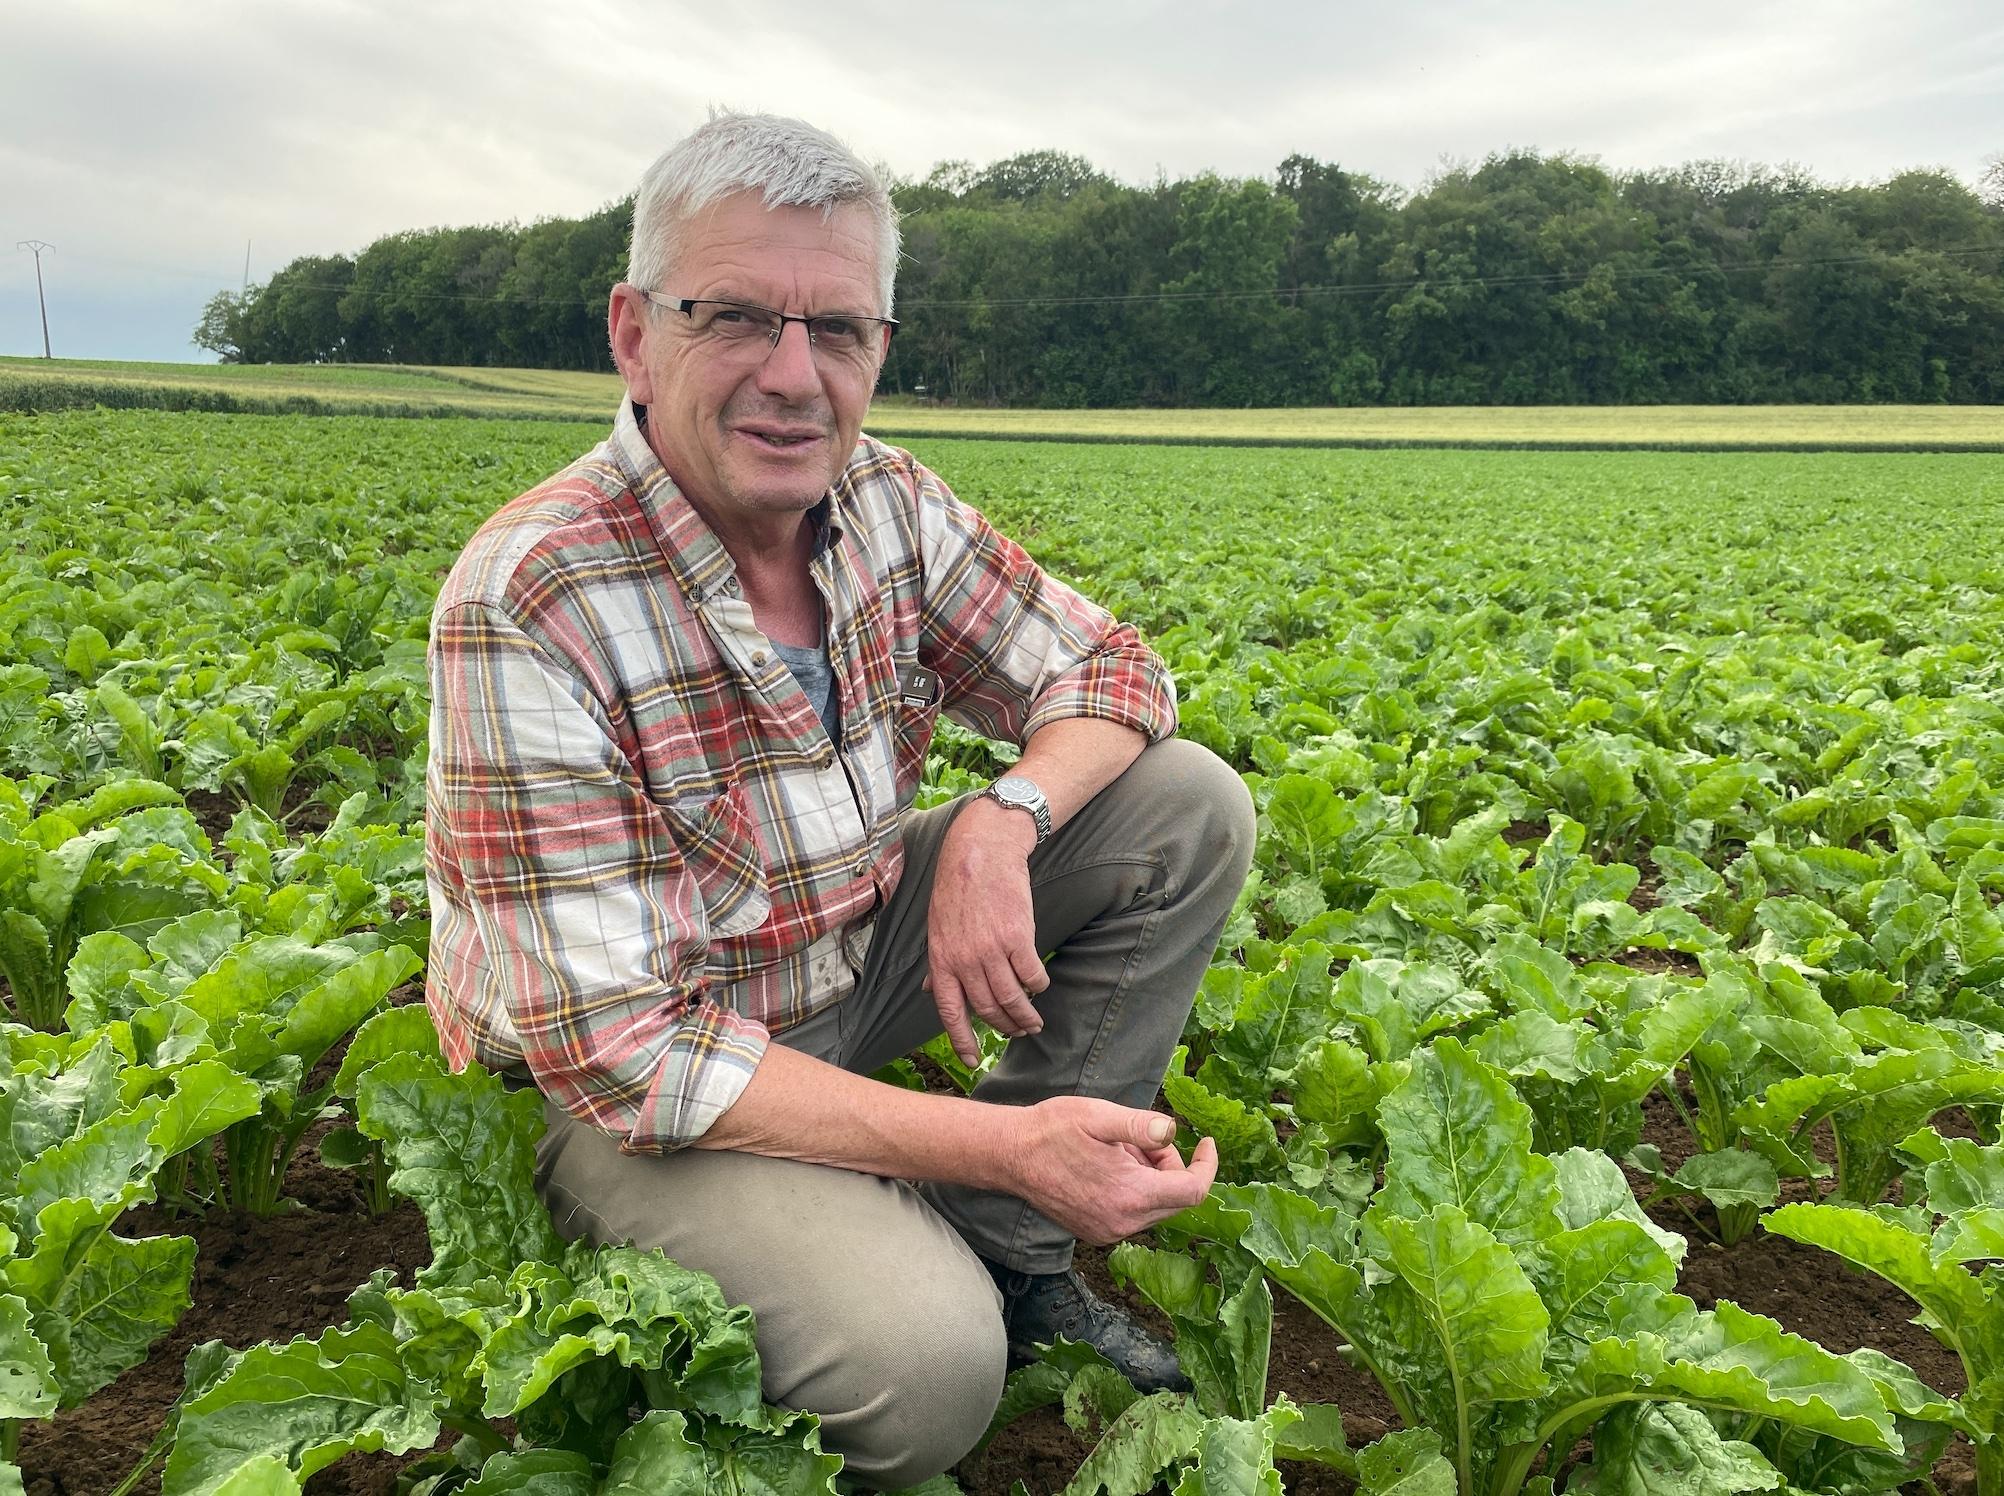 Christophe Andrieux cultive entre 5 et 6 ha de betteraves fourragères et en récolte plus de 120 ha pour le compte de ses clients